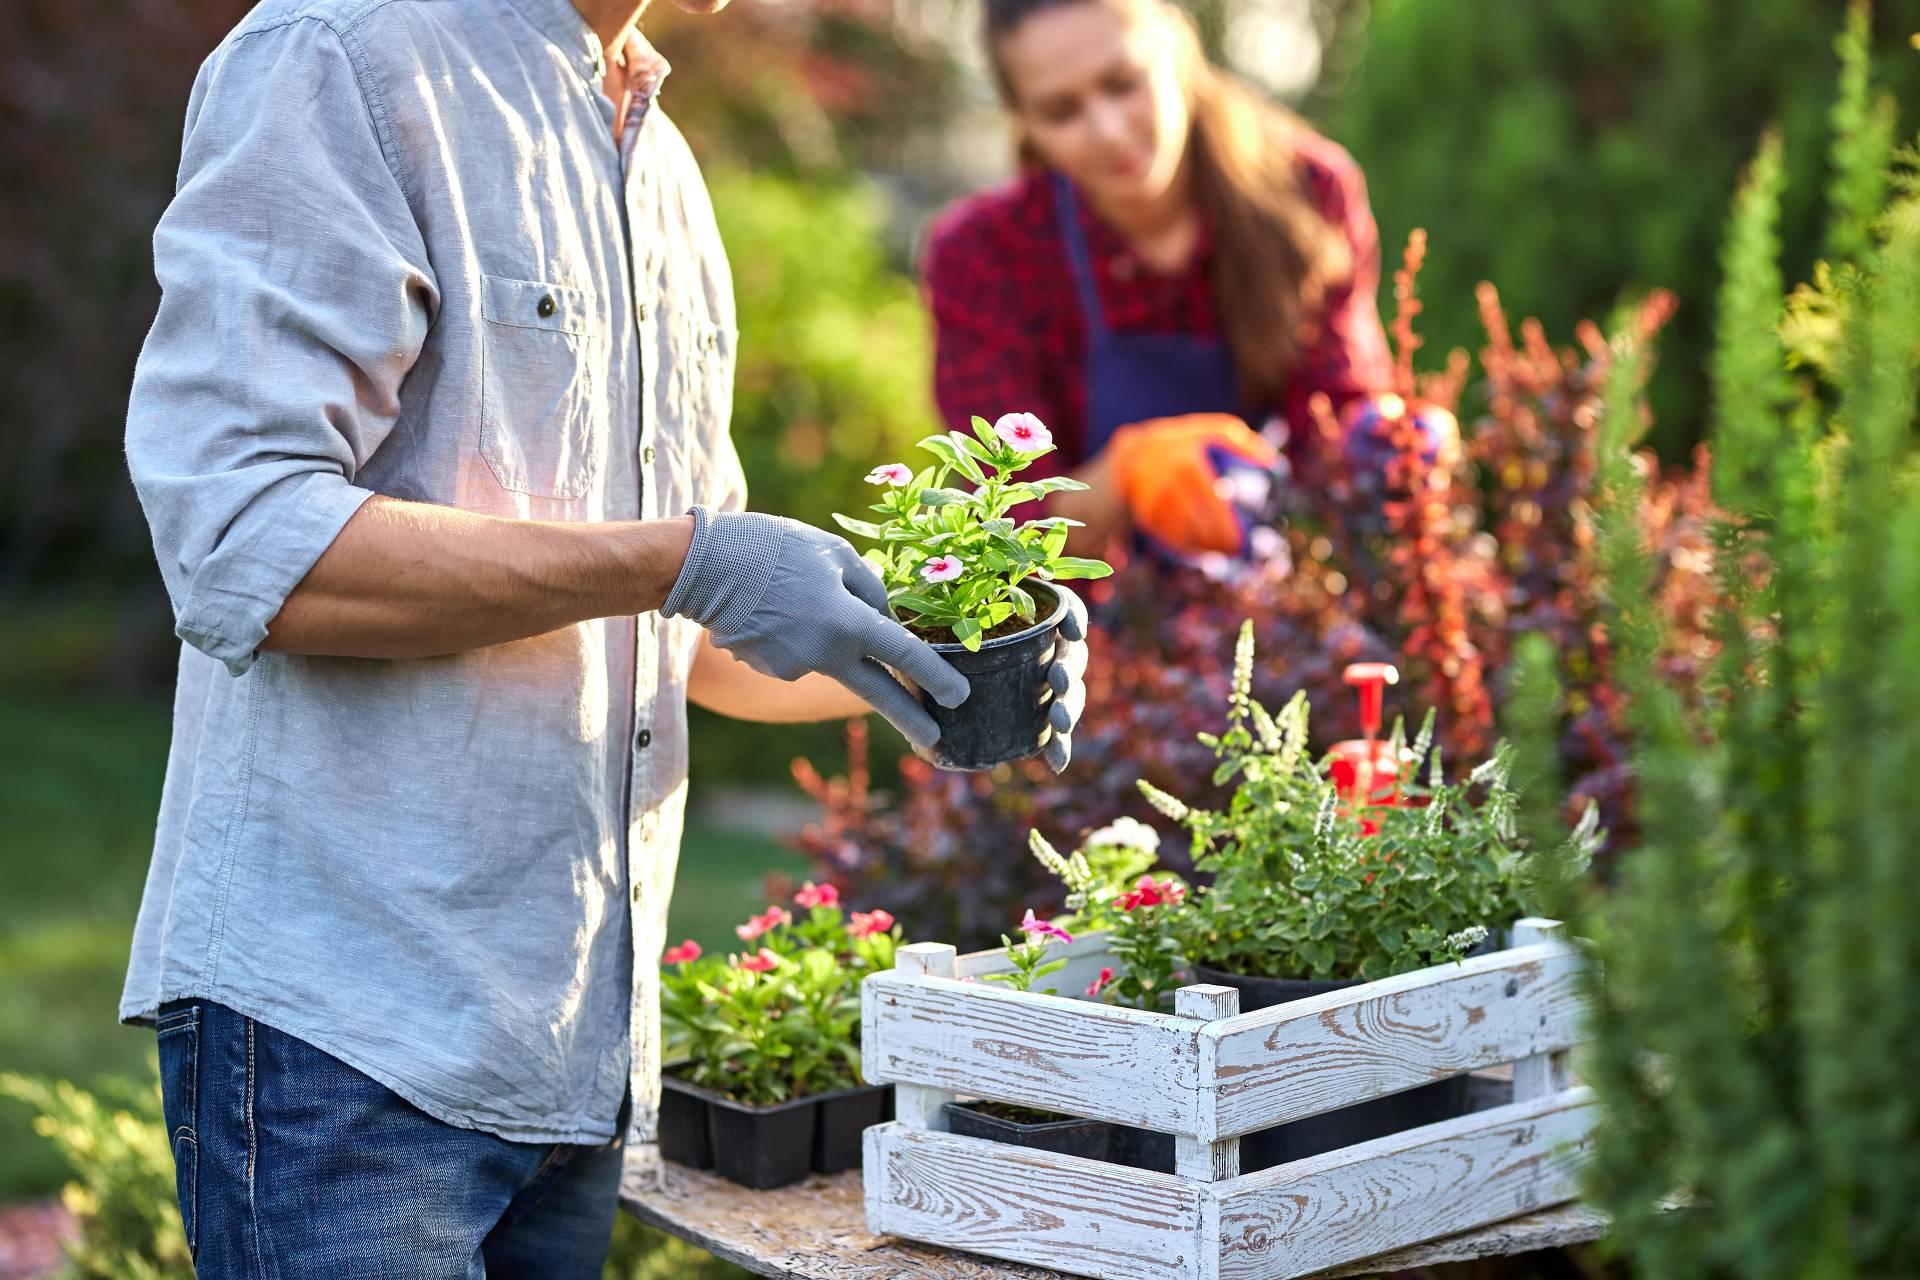 Wer sich dafür entscheidet, Obst und Gemüse anzubauen, muss zu Beginn der Gartensaison ein wenig mehr Zeit investieren